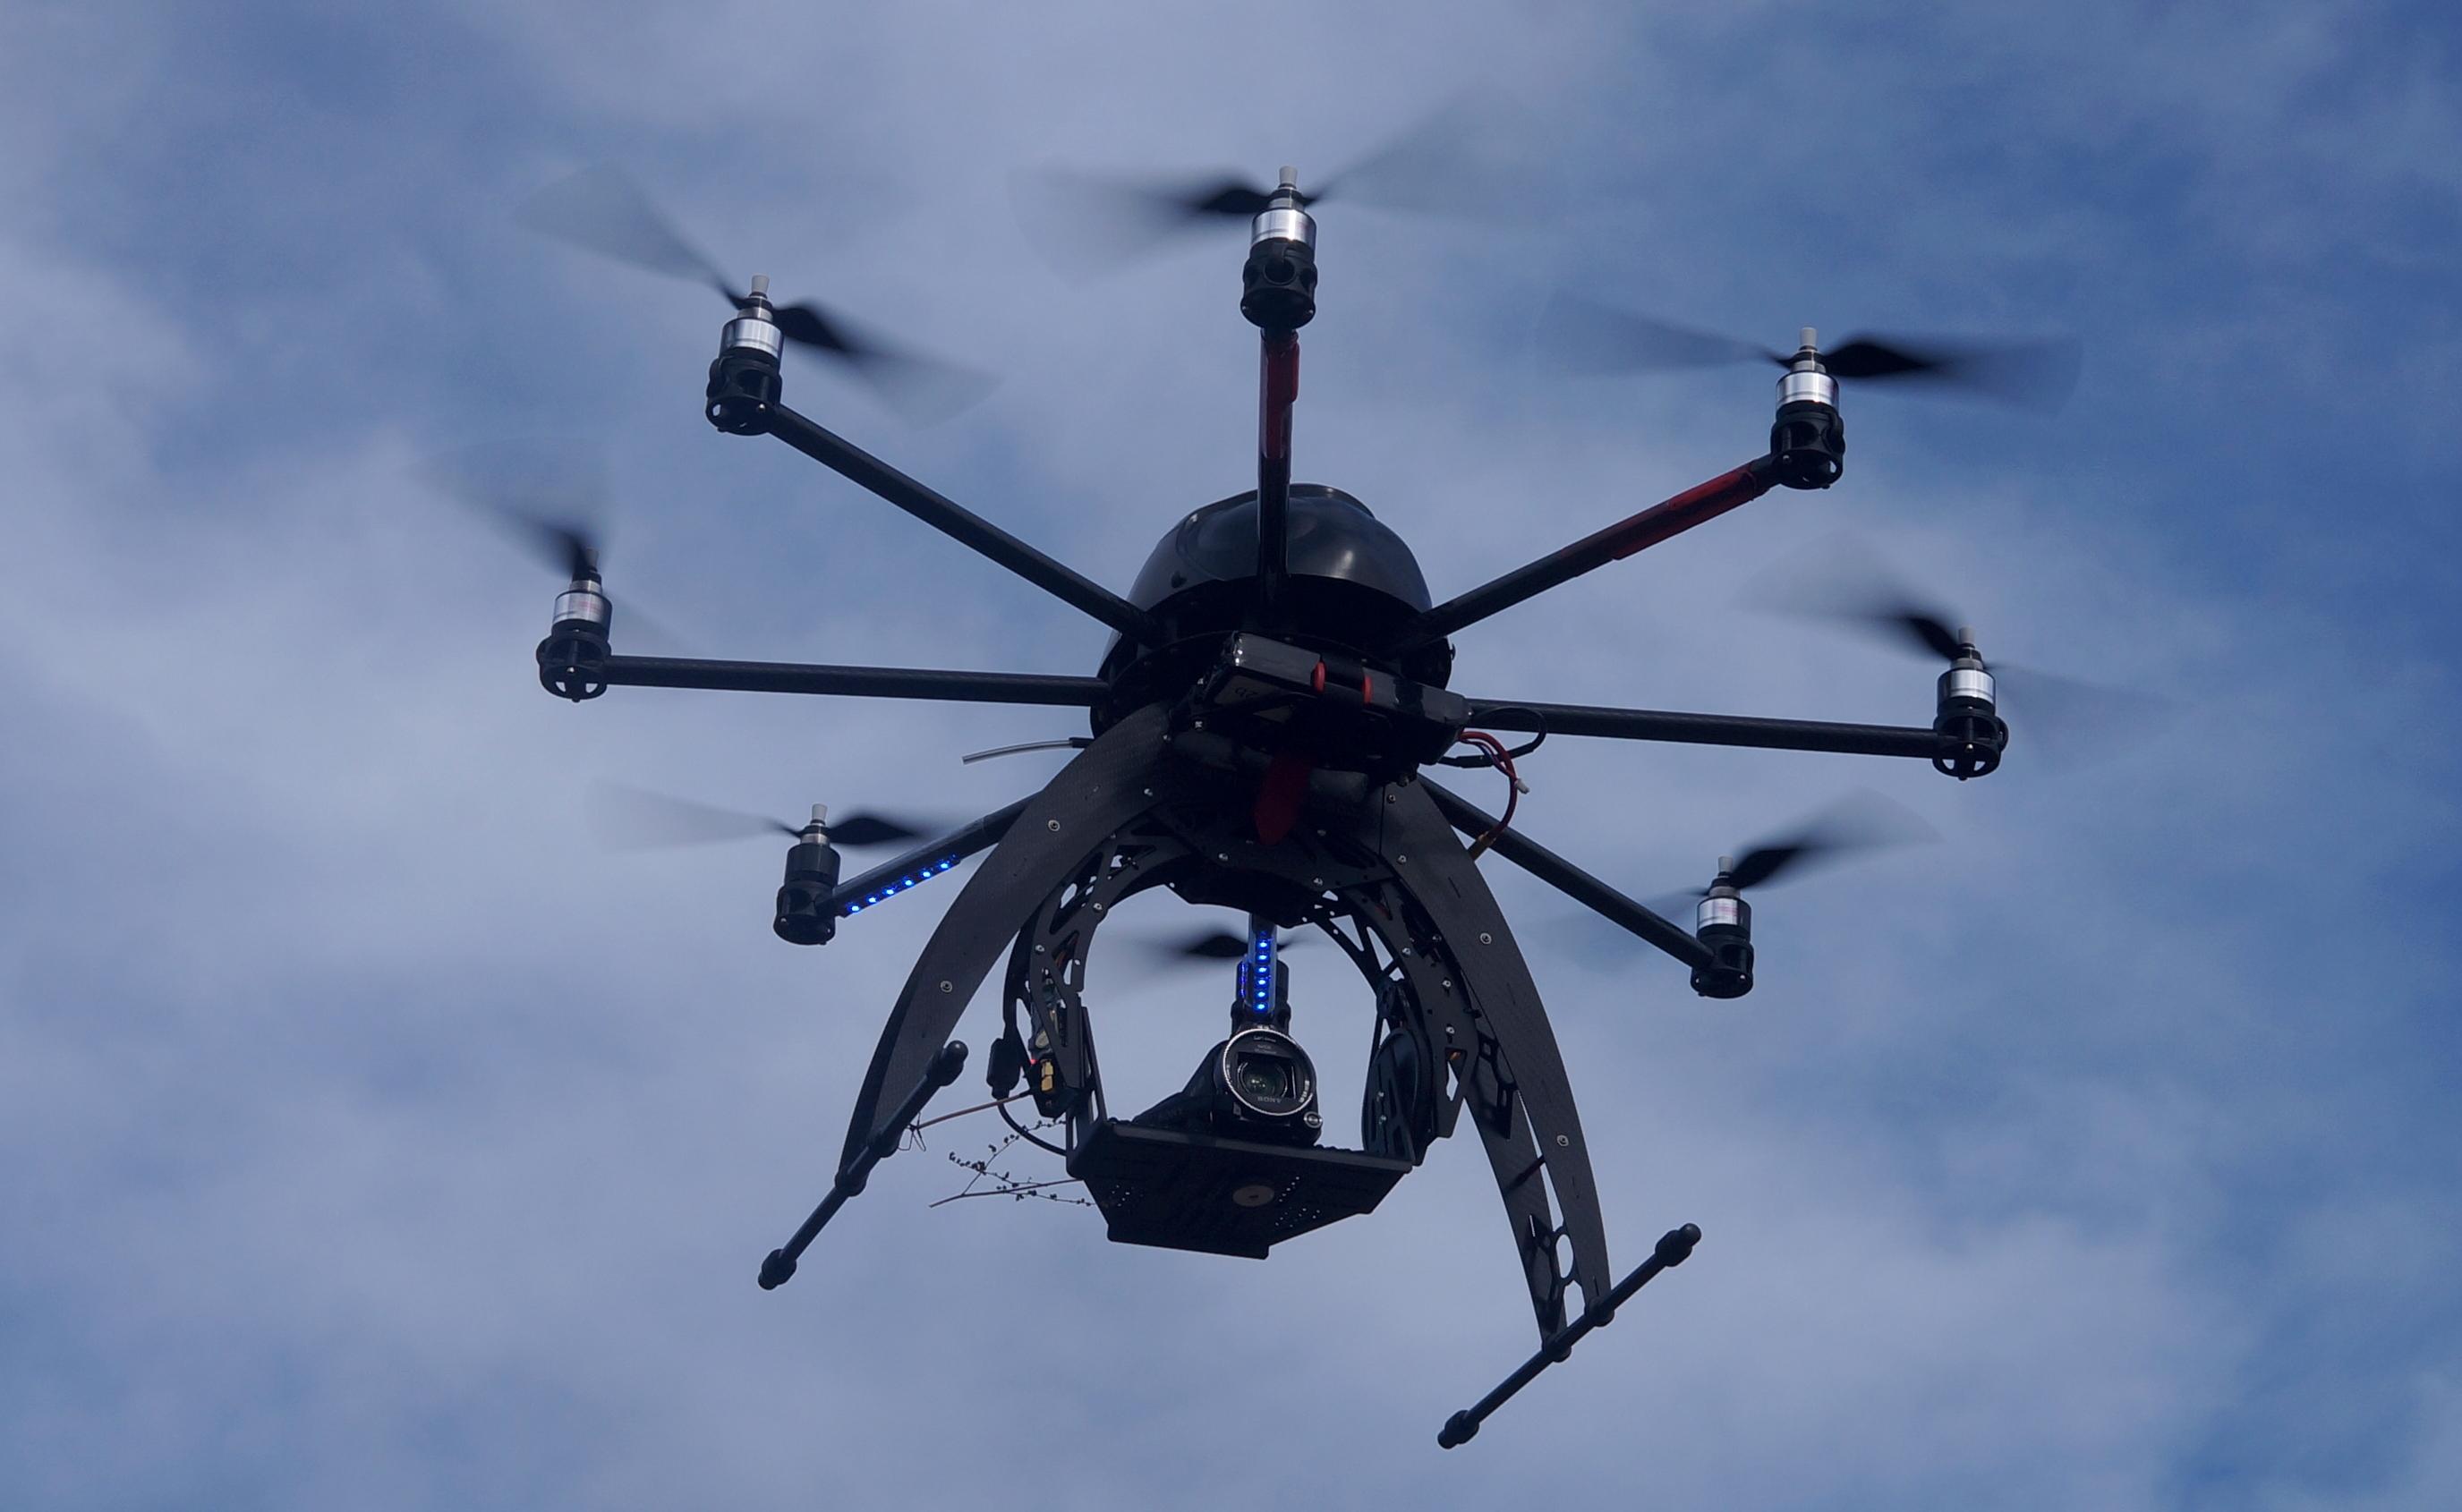 drohnen kaufen von quadrocopter bis hexacopter. Black Bedroom Furniture Sets. Home Design Ideas